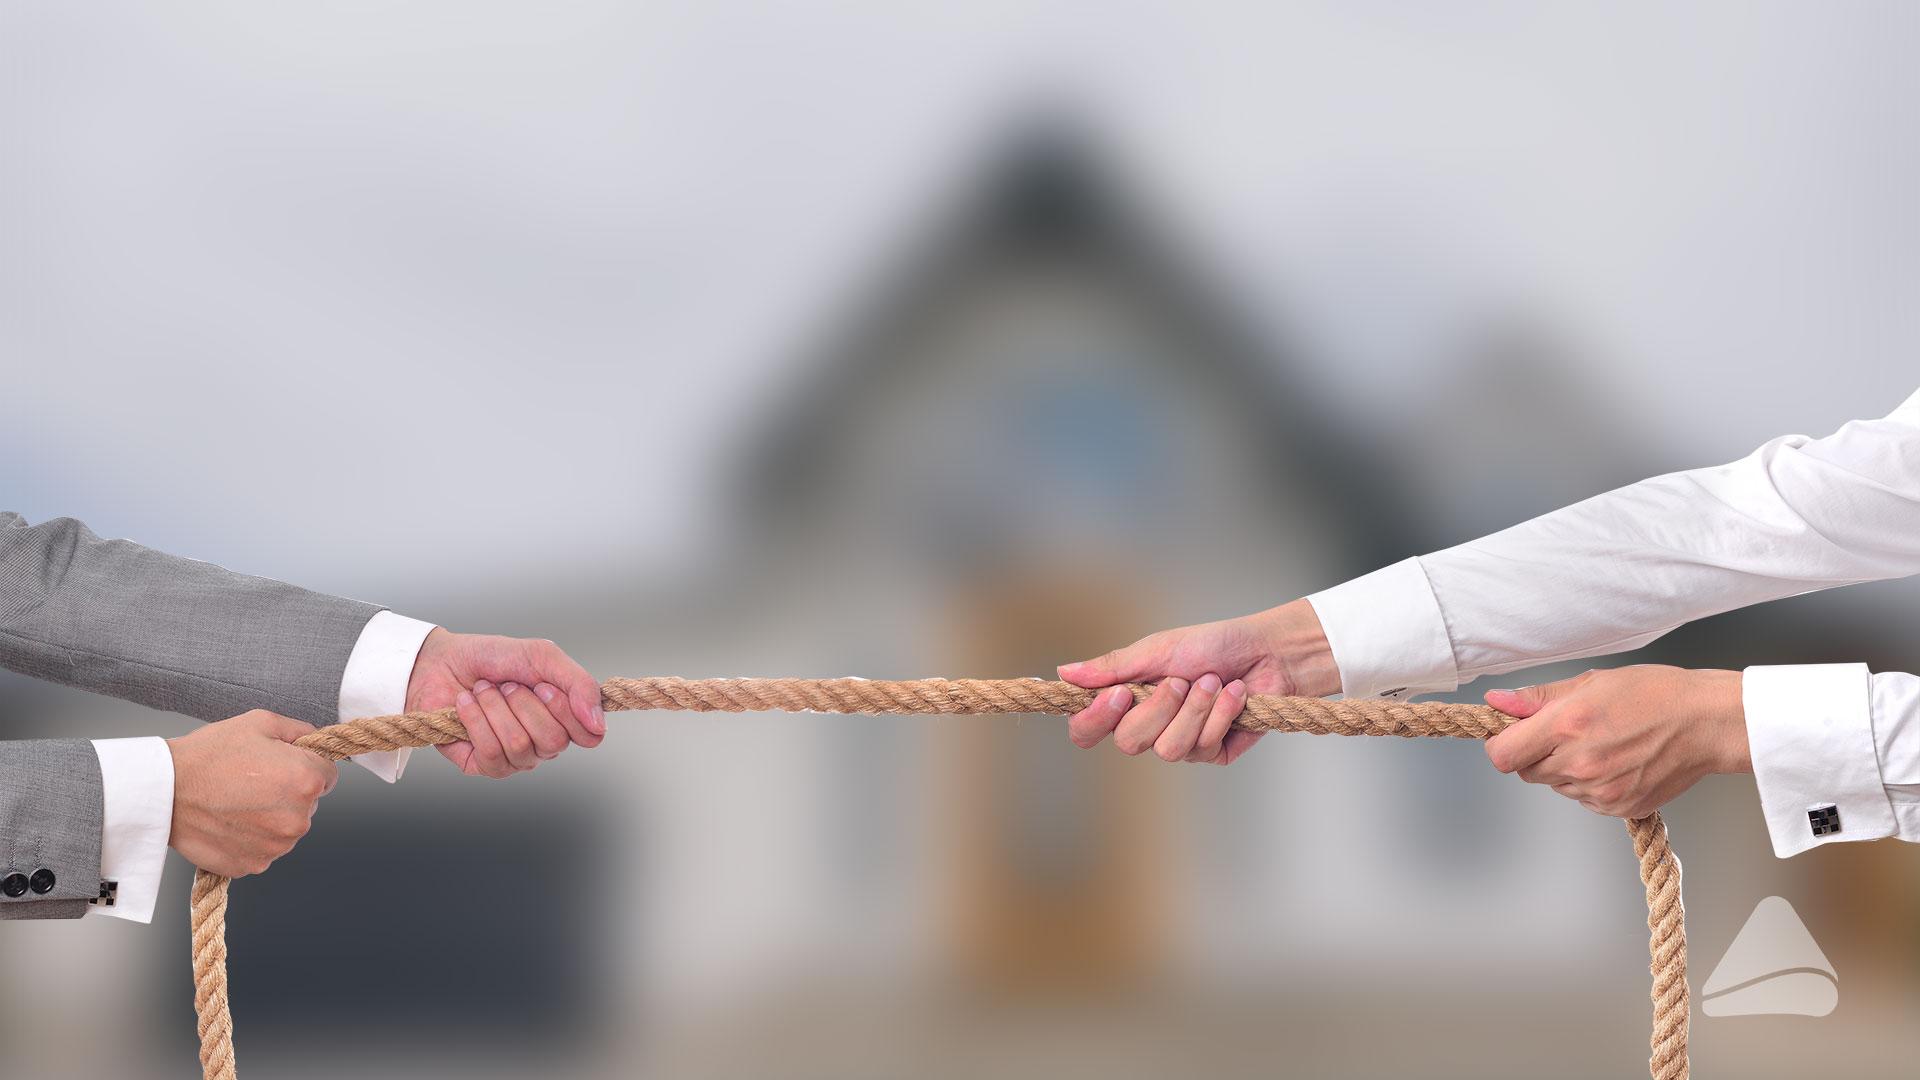 O equilíbrio na relação entre inquilinos e proprietários